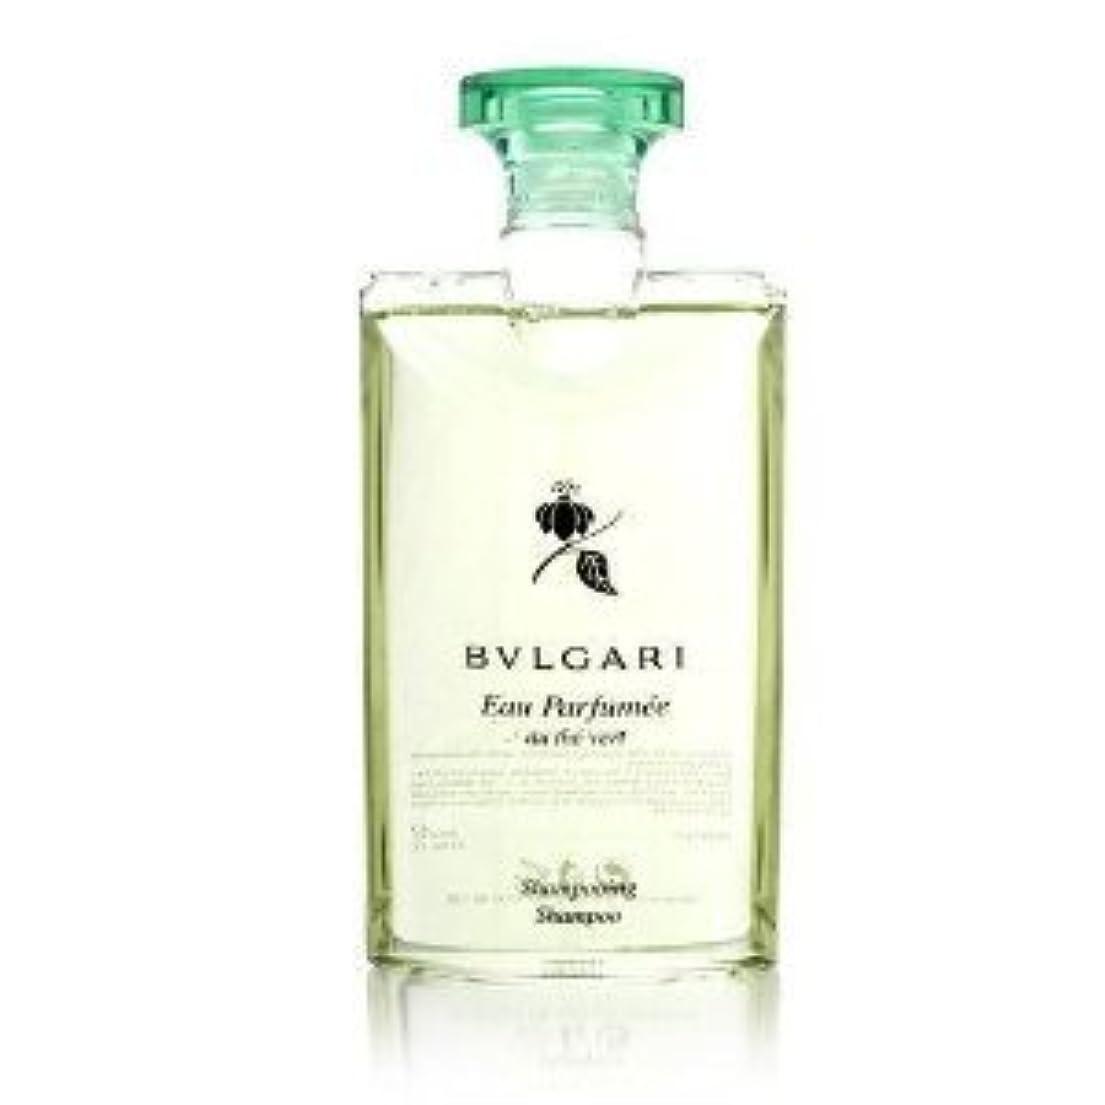 買収名詞ゲートBvlgari Eau Parfumee au the vert (ブルガリ オー パフュ-メ オウ ザ バート / グリーン ティー) 2.5 oz (75ml) シャンプー